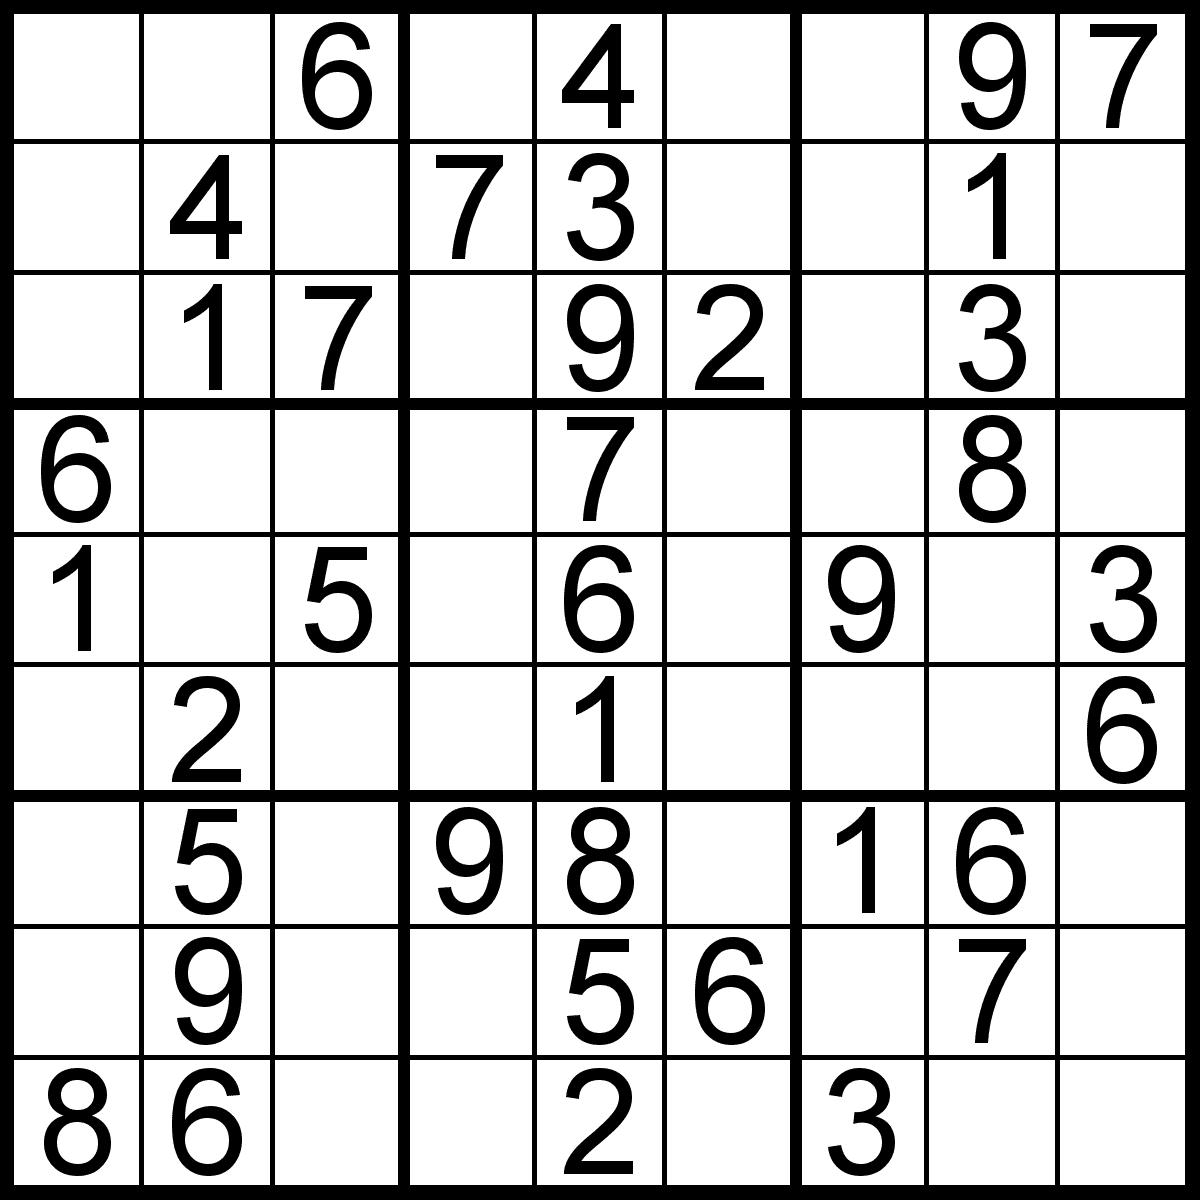 Free Sudoku Printable Image